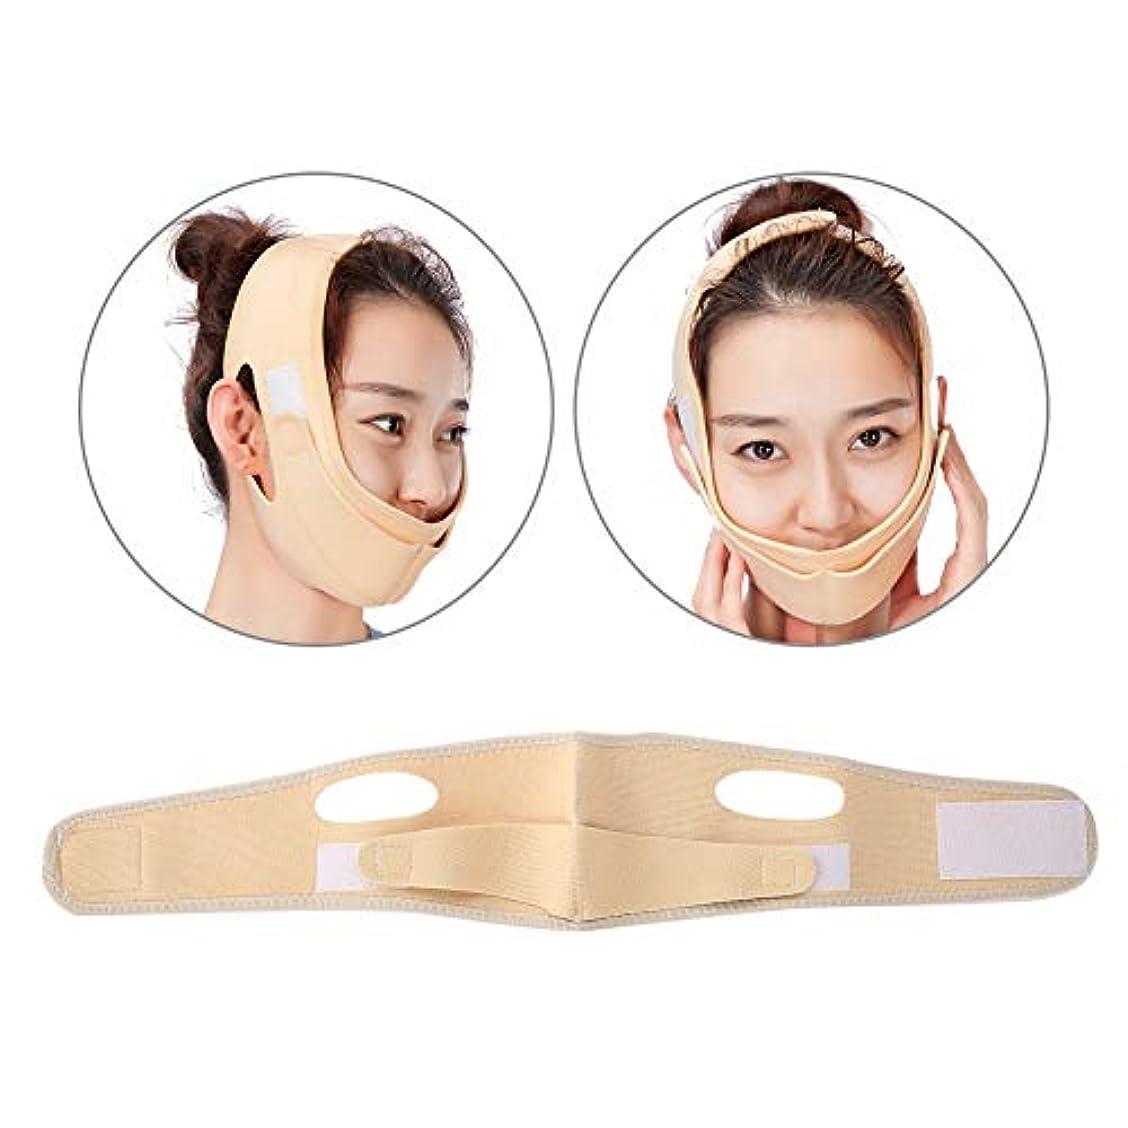 出力める飼料フェイスリフト用 フェイスマスク 顔輪郭を改善する 美容包帯 通気性/伸縮性/変形不可(01)